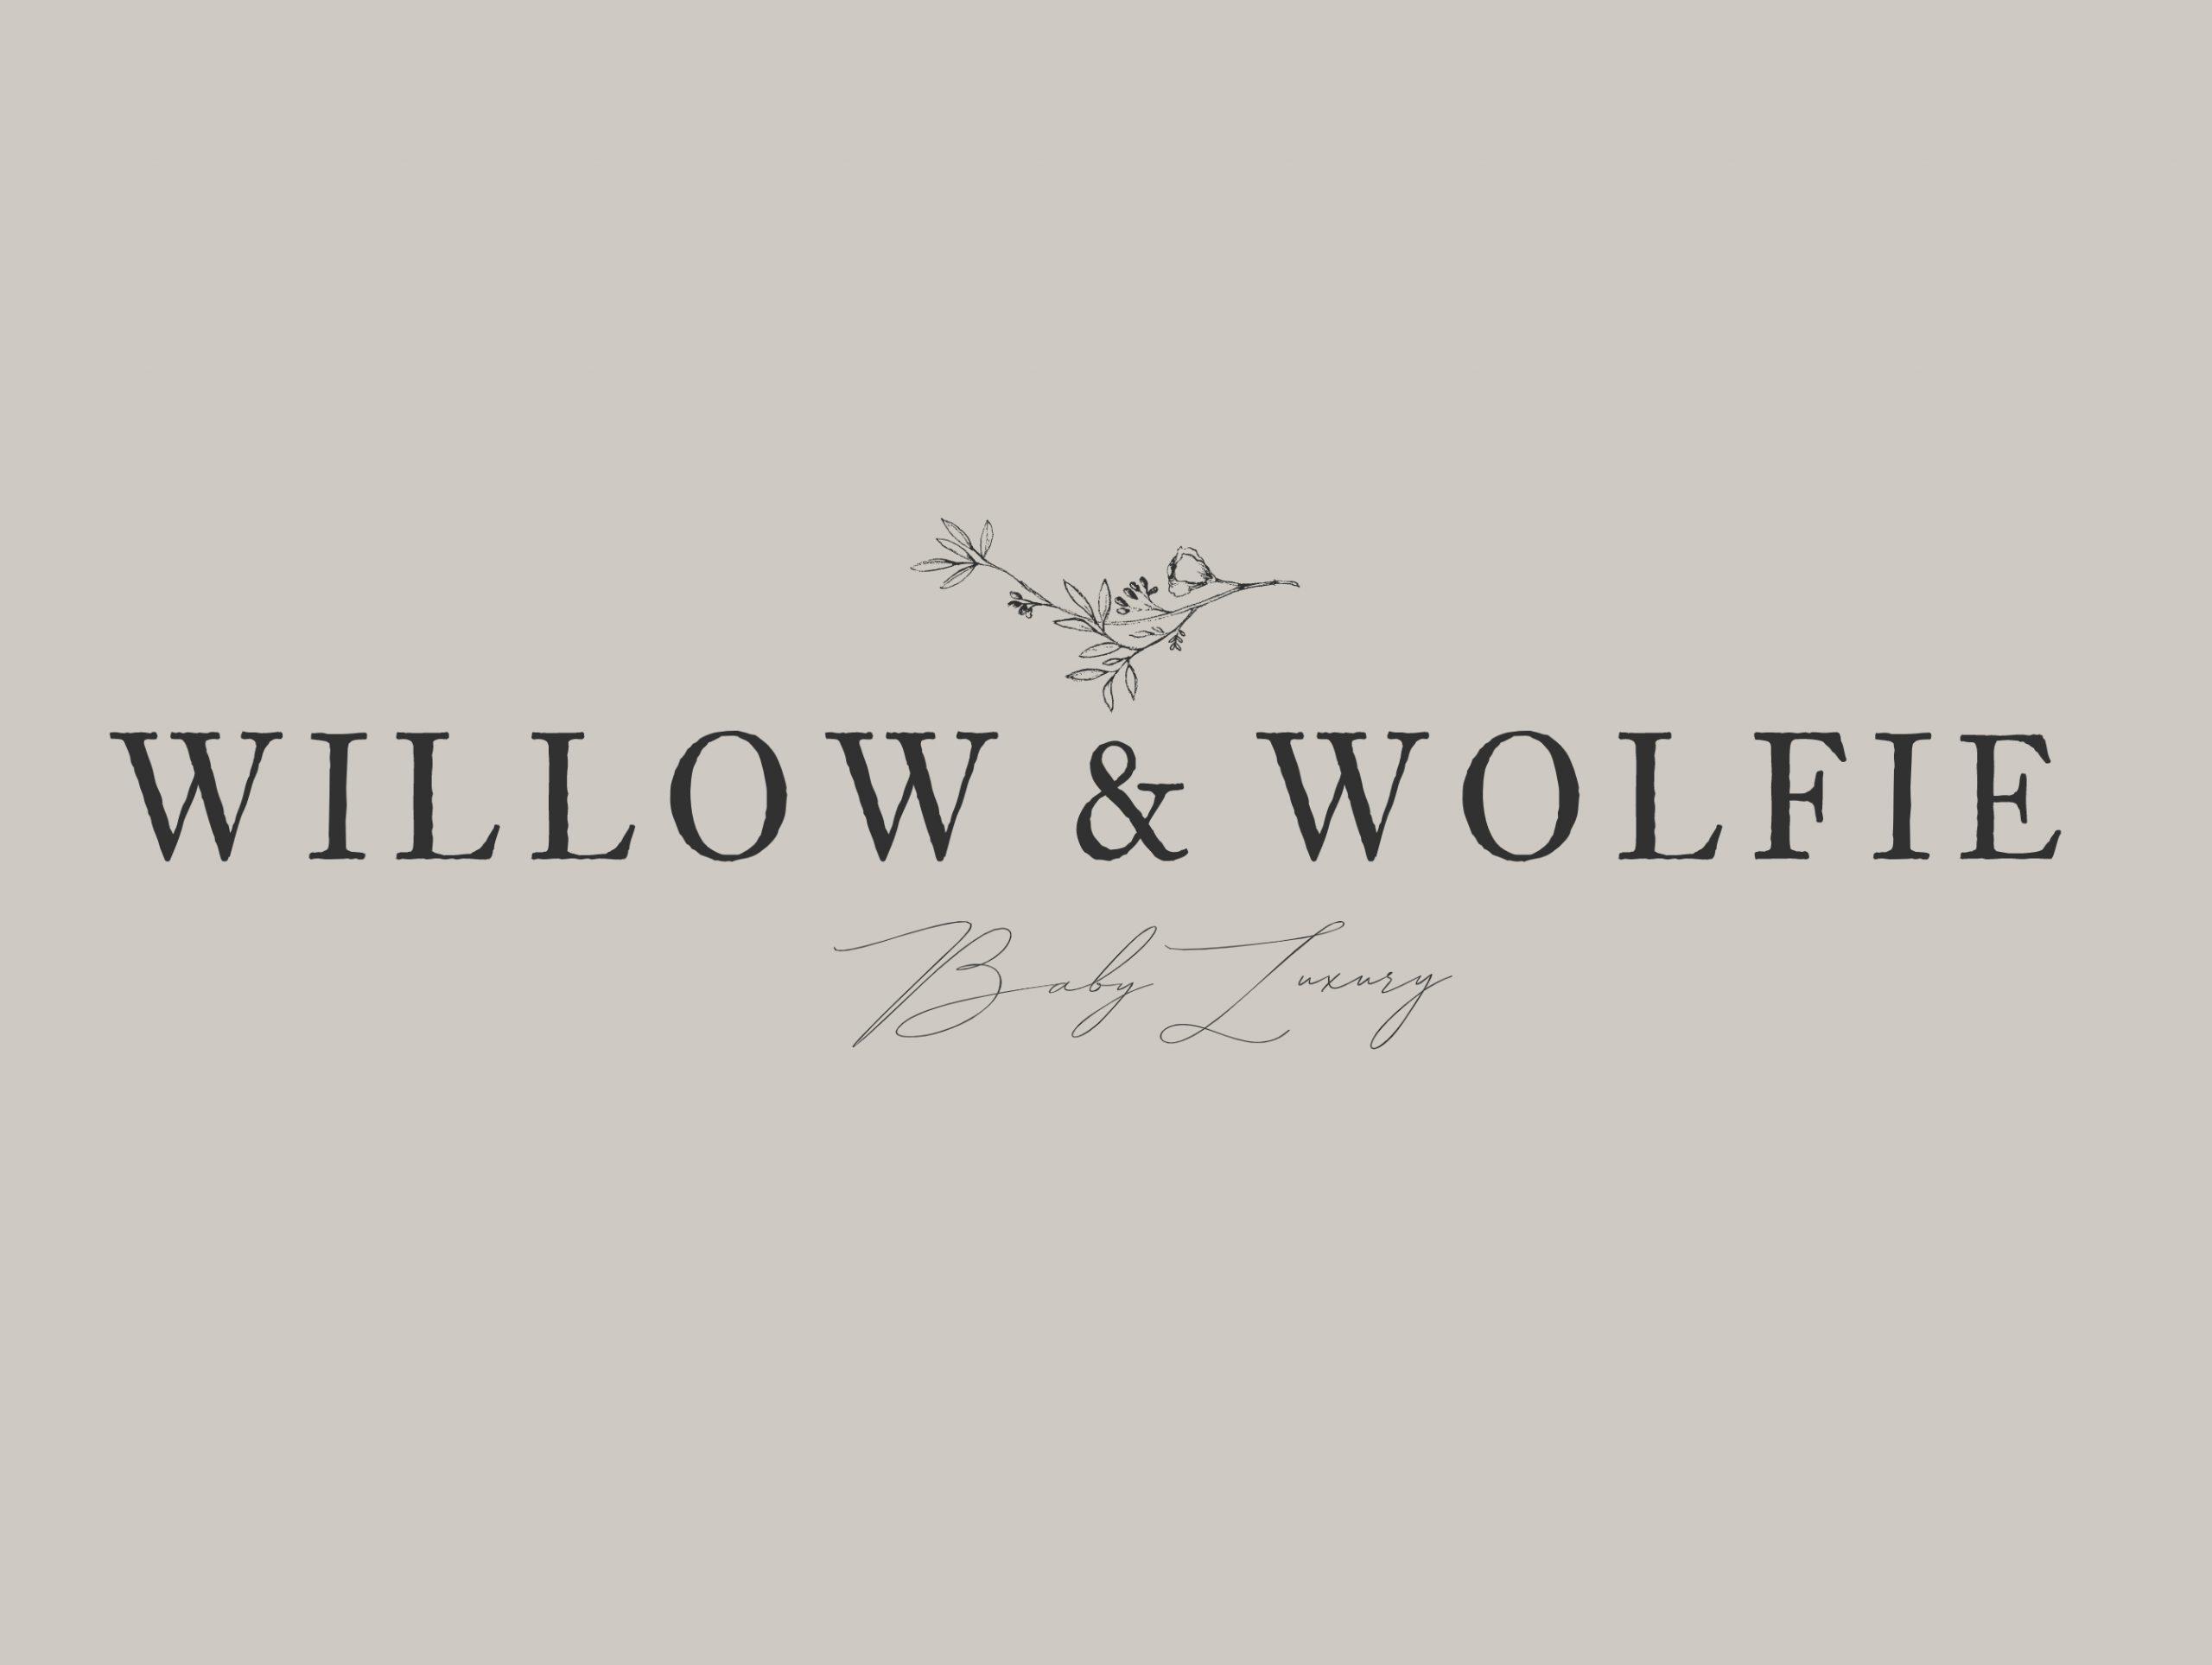 WILLOW & WOLFIE